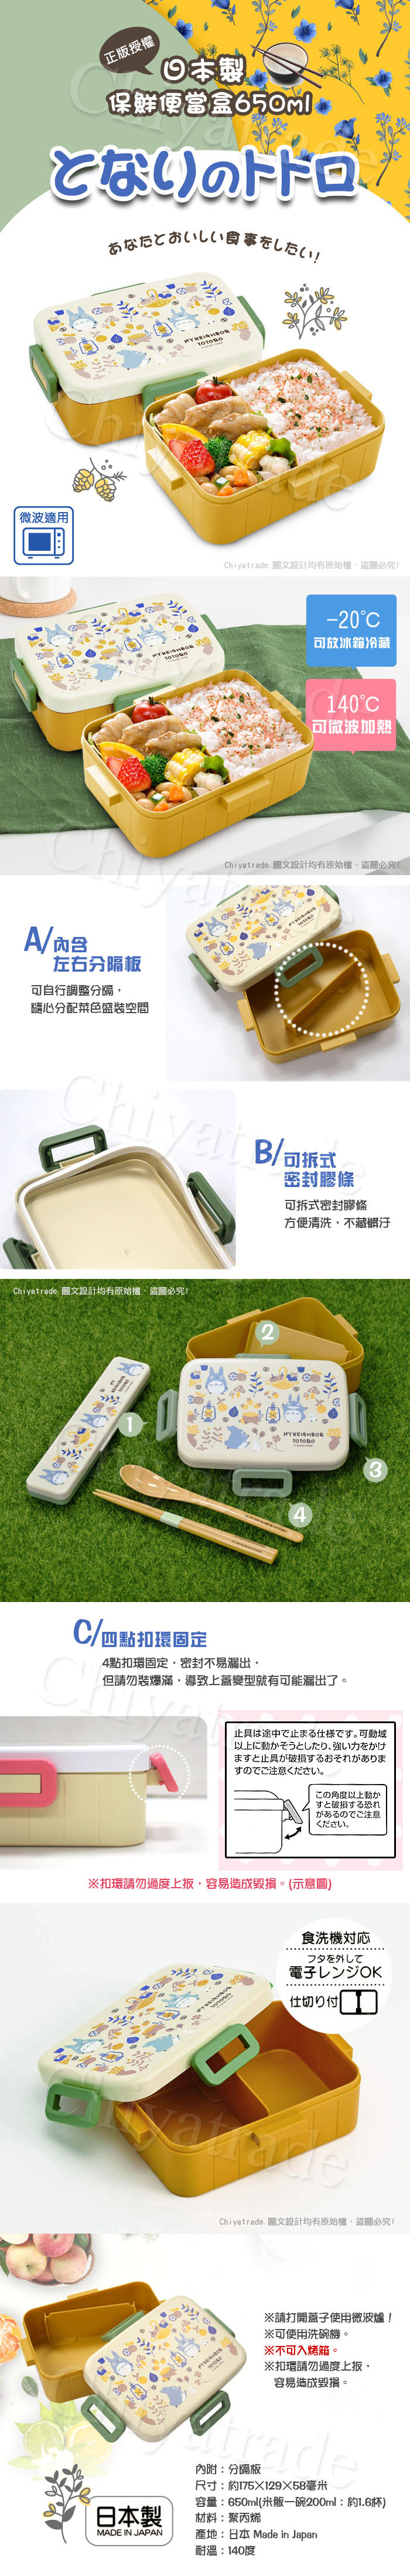 (複製)Skater|角落小夥伴便當盒 保鮮餐盒 650ML-藍色條紋